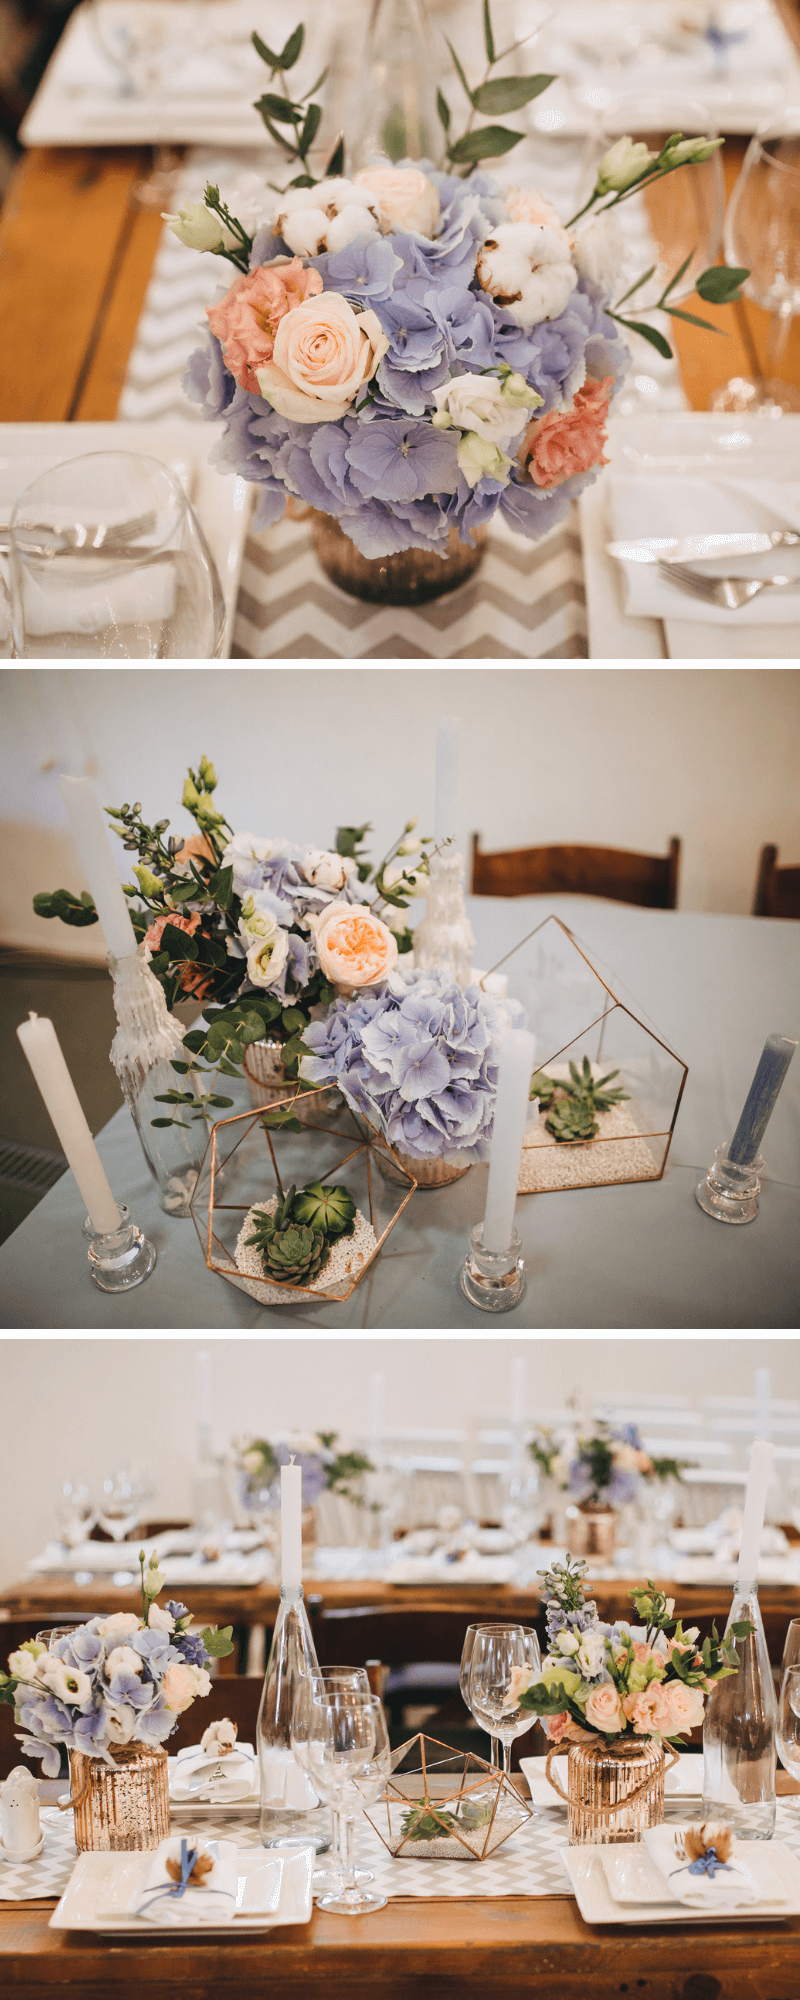 Boda con hortensias: ideas para decoraciones de mesa, ramo de novia y más